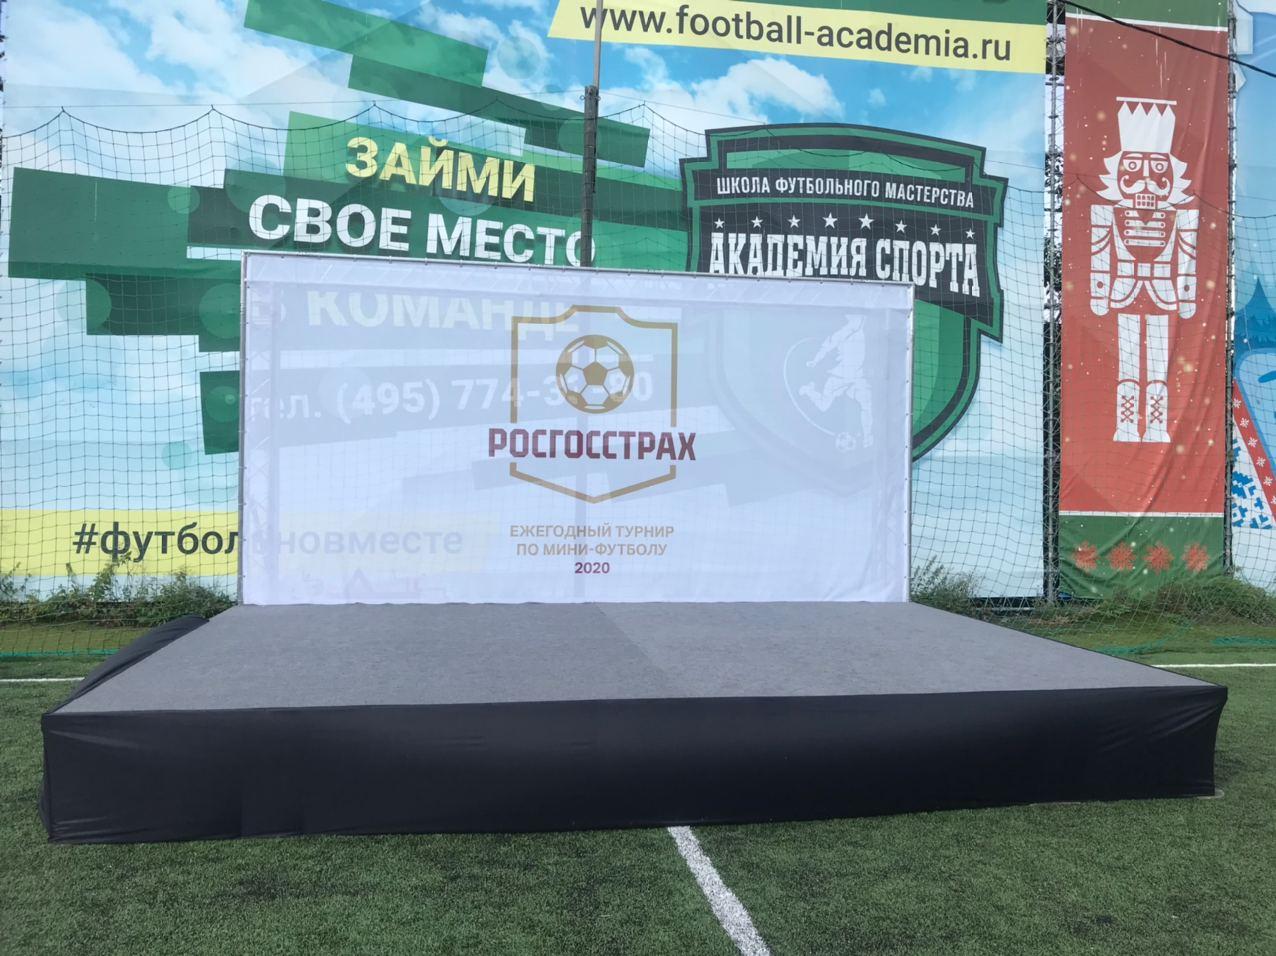 ежегодный турнир по мини-футболу компании росгорстрах 2020